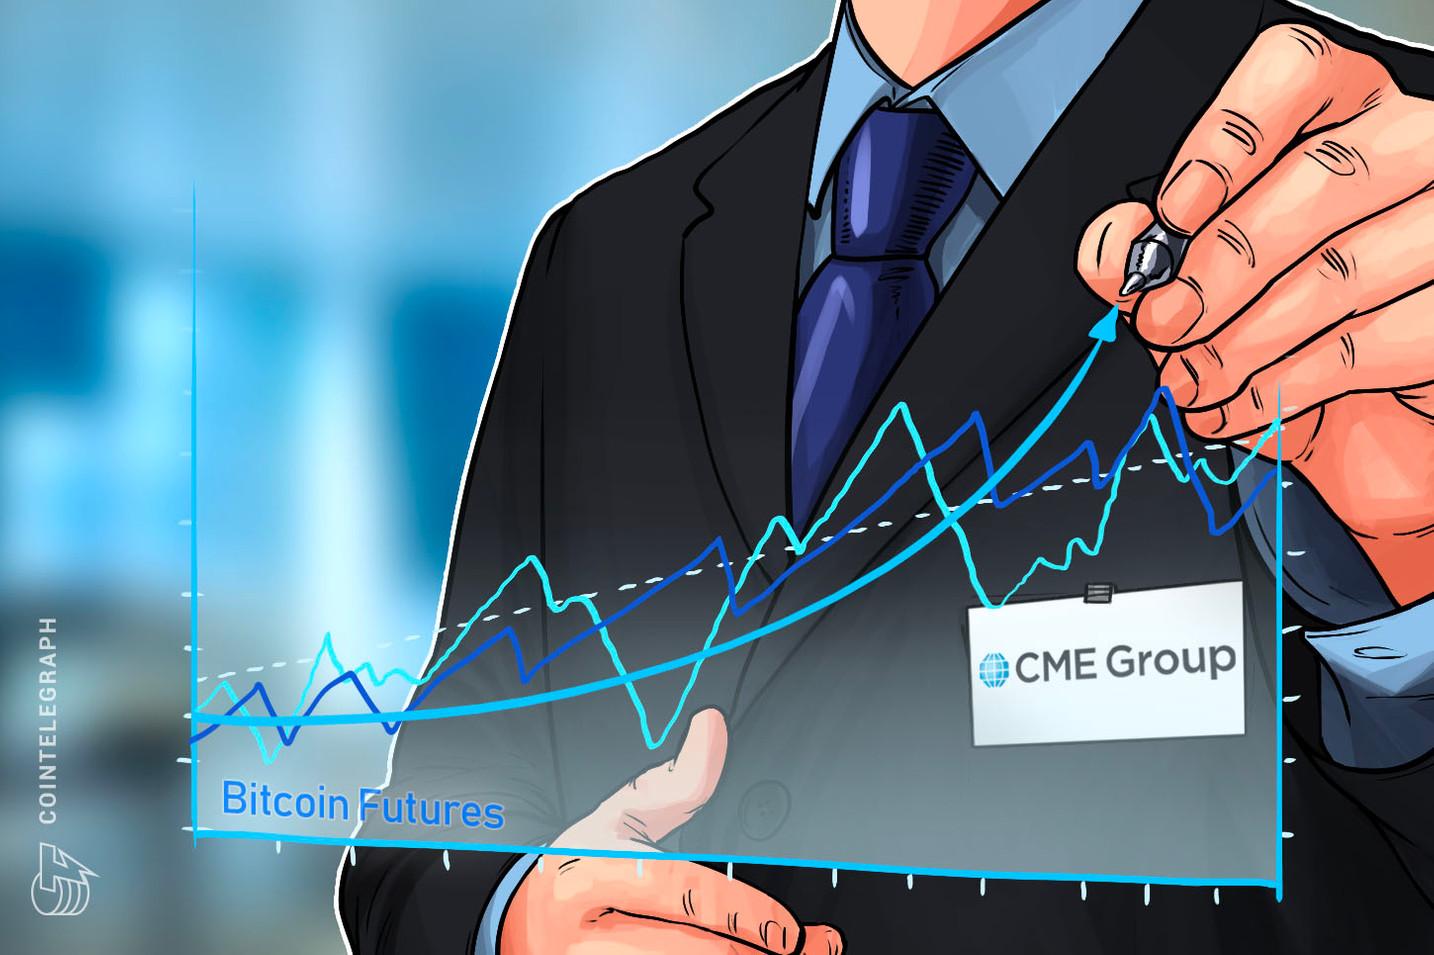 CME Bericht: Durchschnitts-Handelsvolumen für Bitcoin Futures steigt im Q2 um 93%